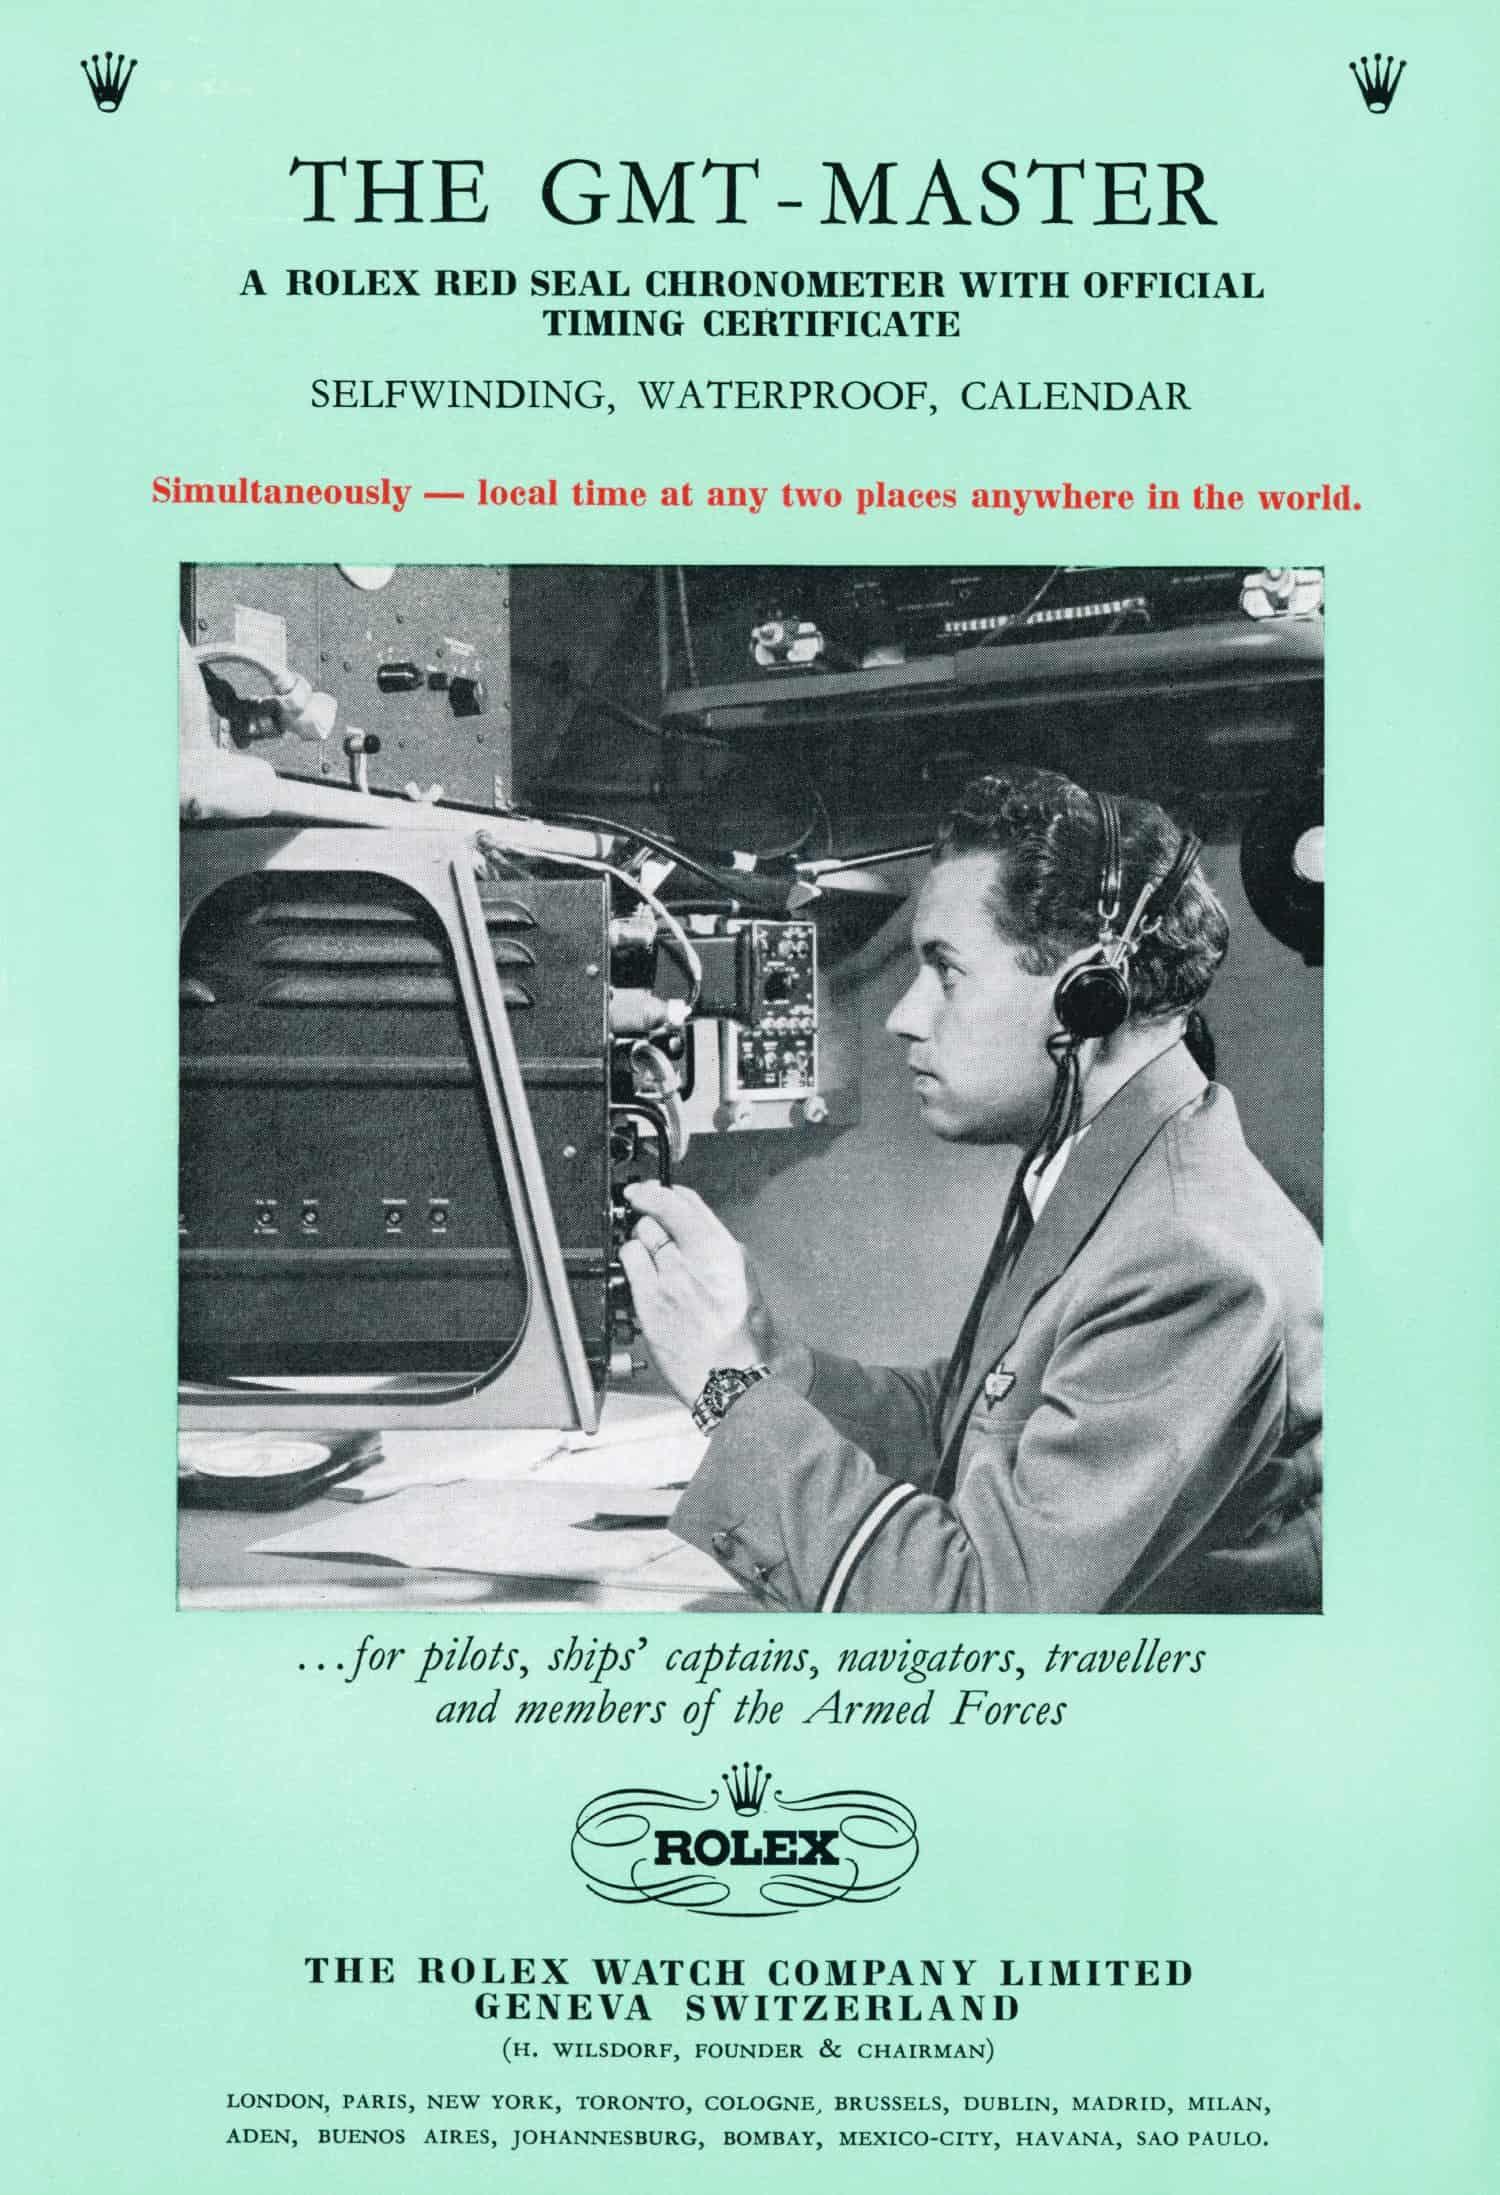 Das Verkaufsprospekt der Rolex GMT Master aus dem Jahr 1956 für Flugkapitäne, Navigatoren und Militärs: Automatik-Rotor,Wasserdichtigkeit und zweite Zeitzone.